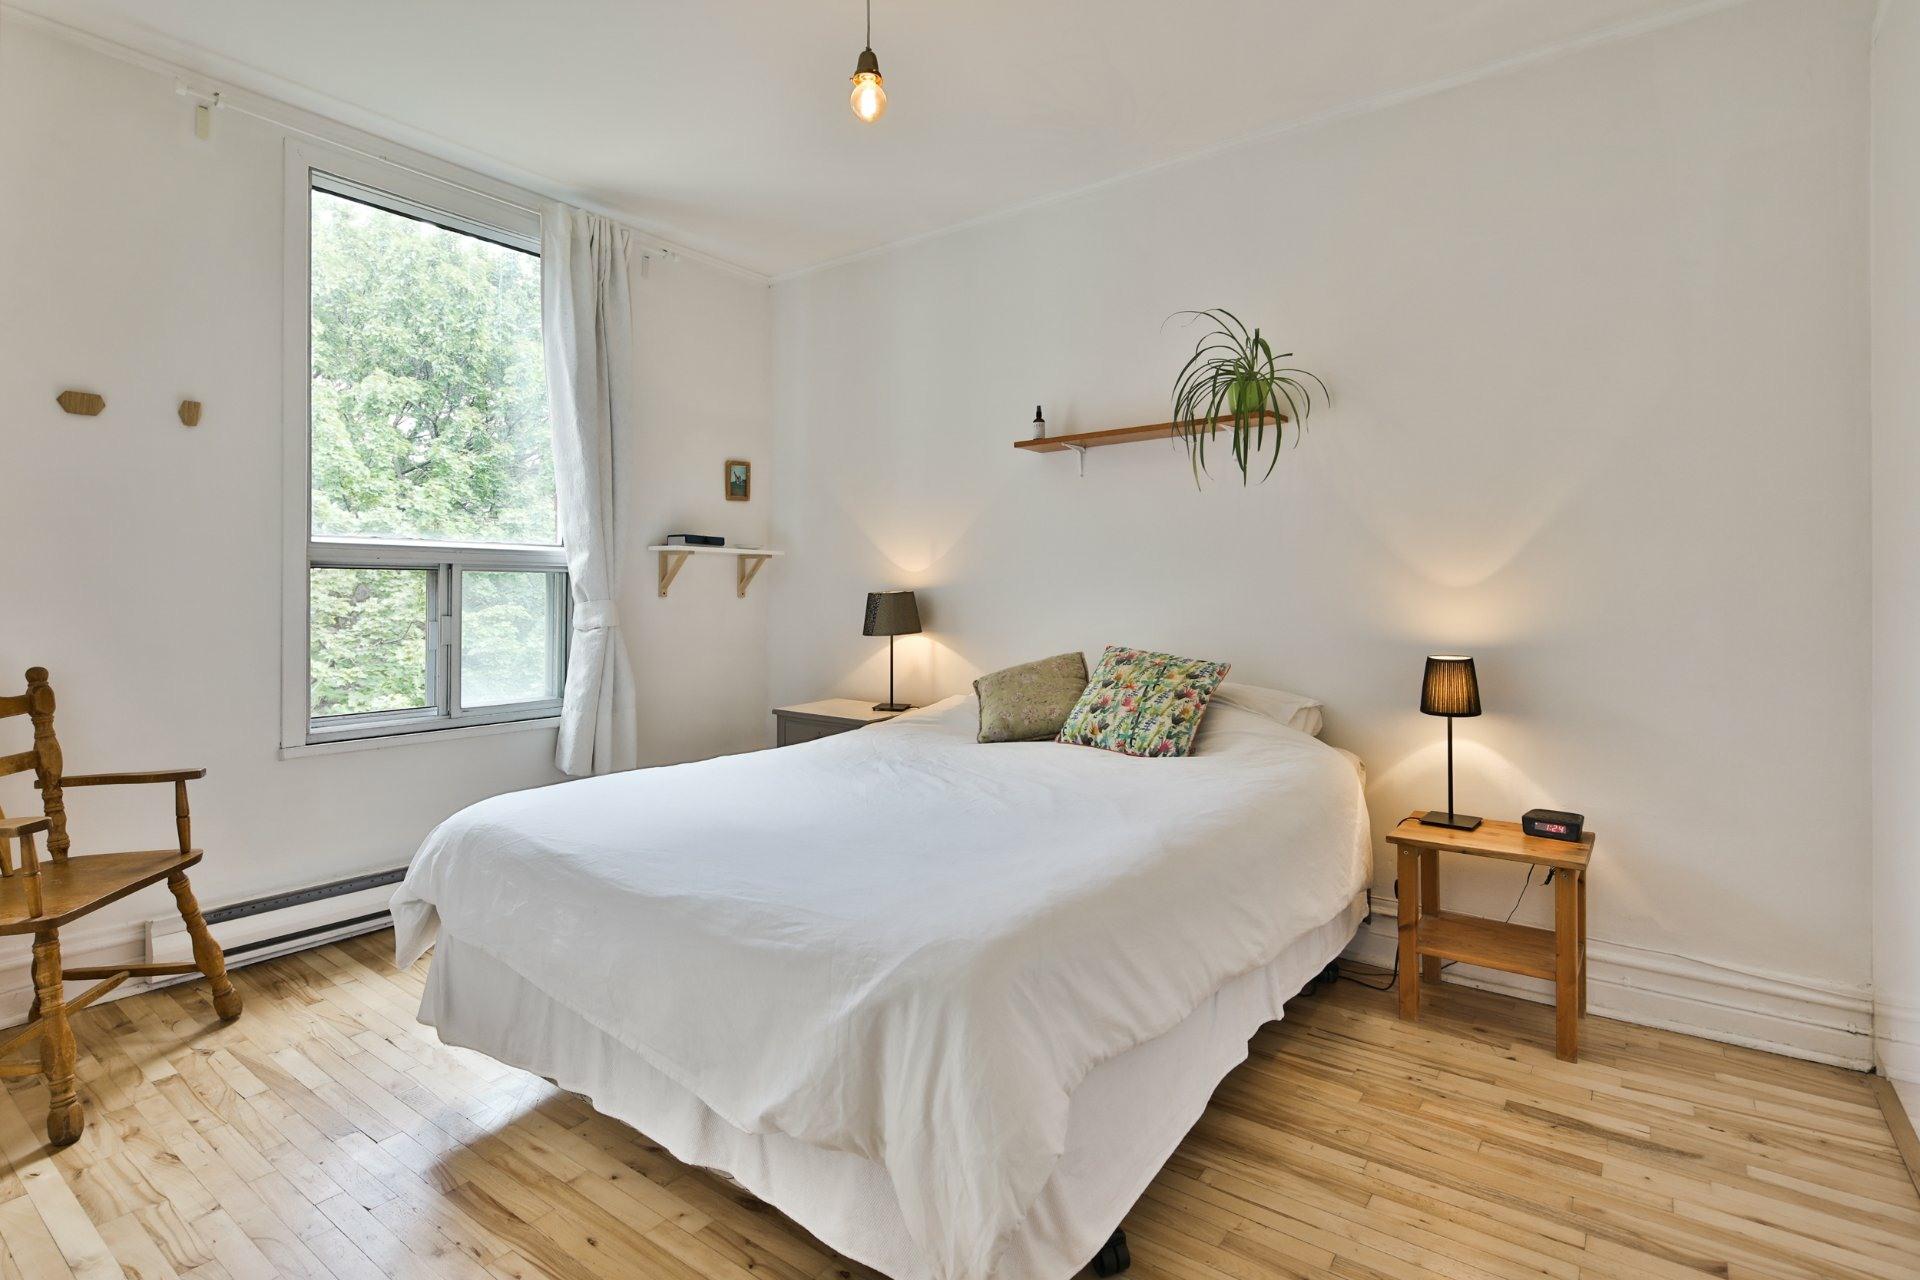 image 14 - Appartement À vendre Rosemont/La Petite-Patrie Montréal  - 6 pièces